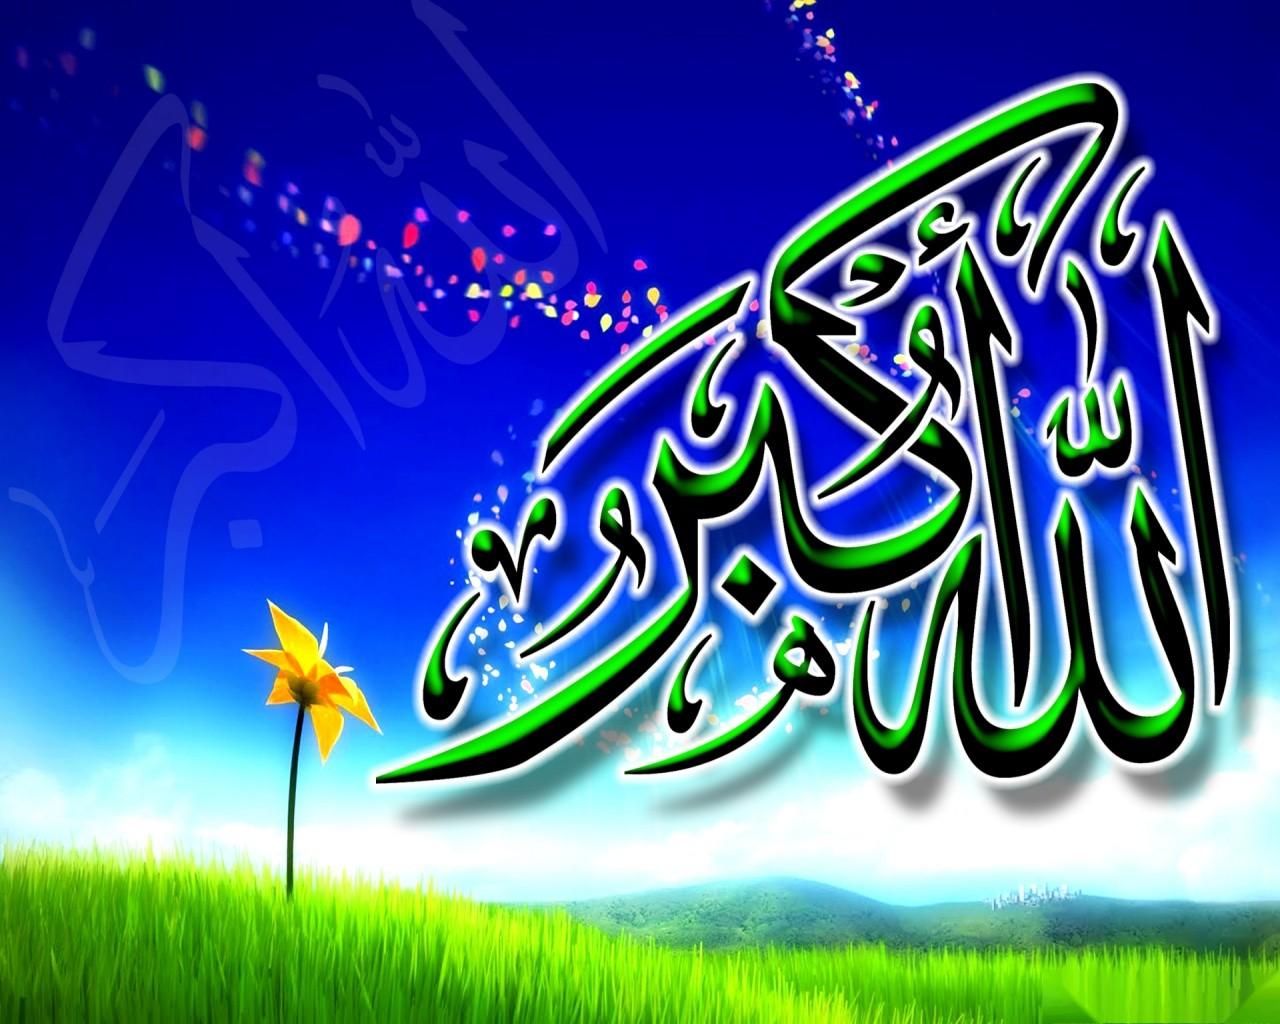 بالصور صور اسلامية جميلة , خلفيات دينية للفيس بوك 3731